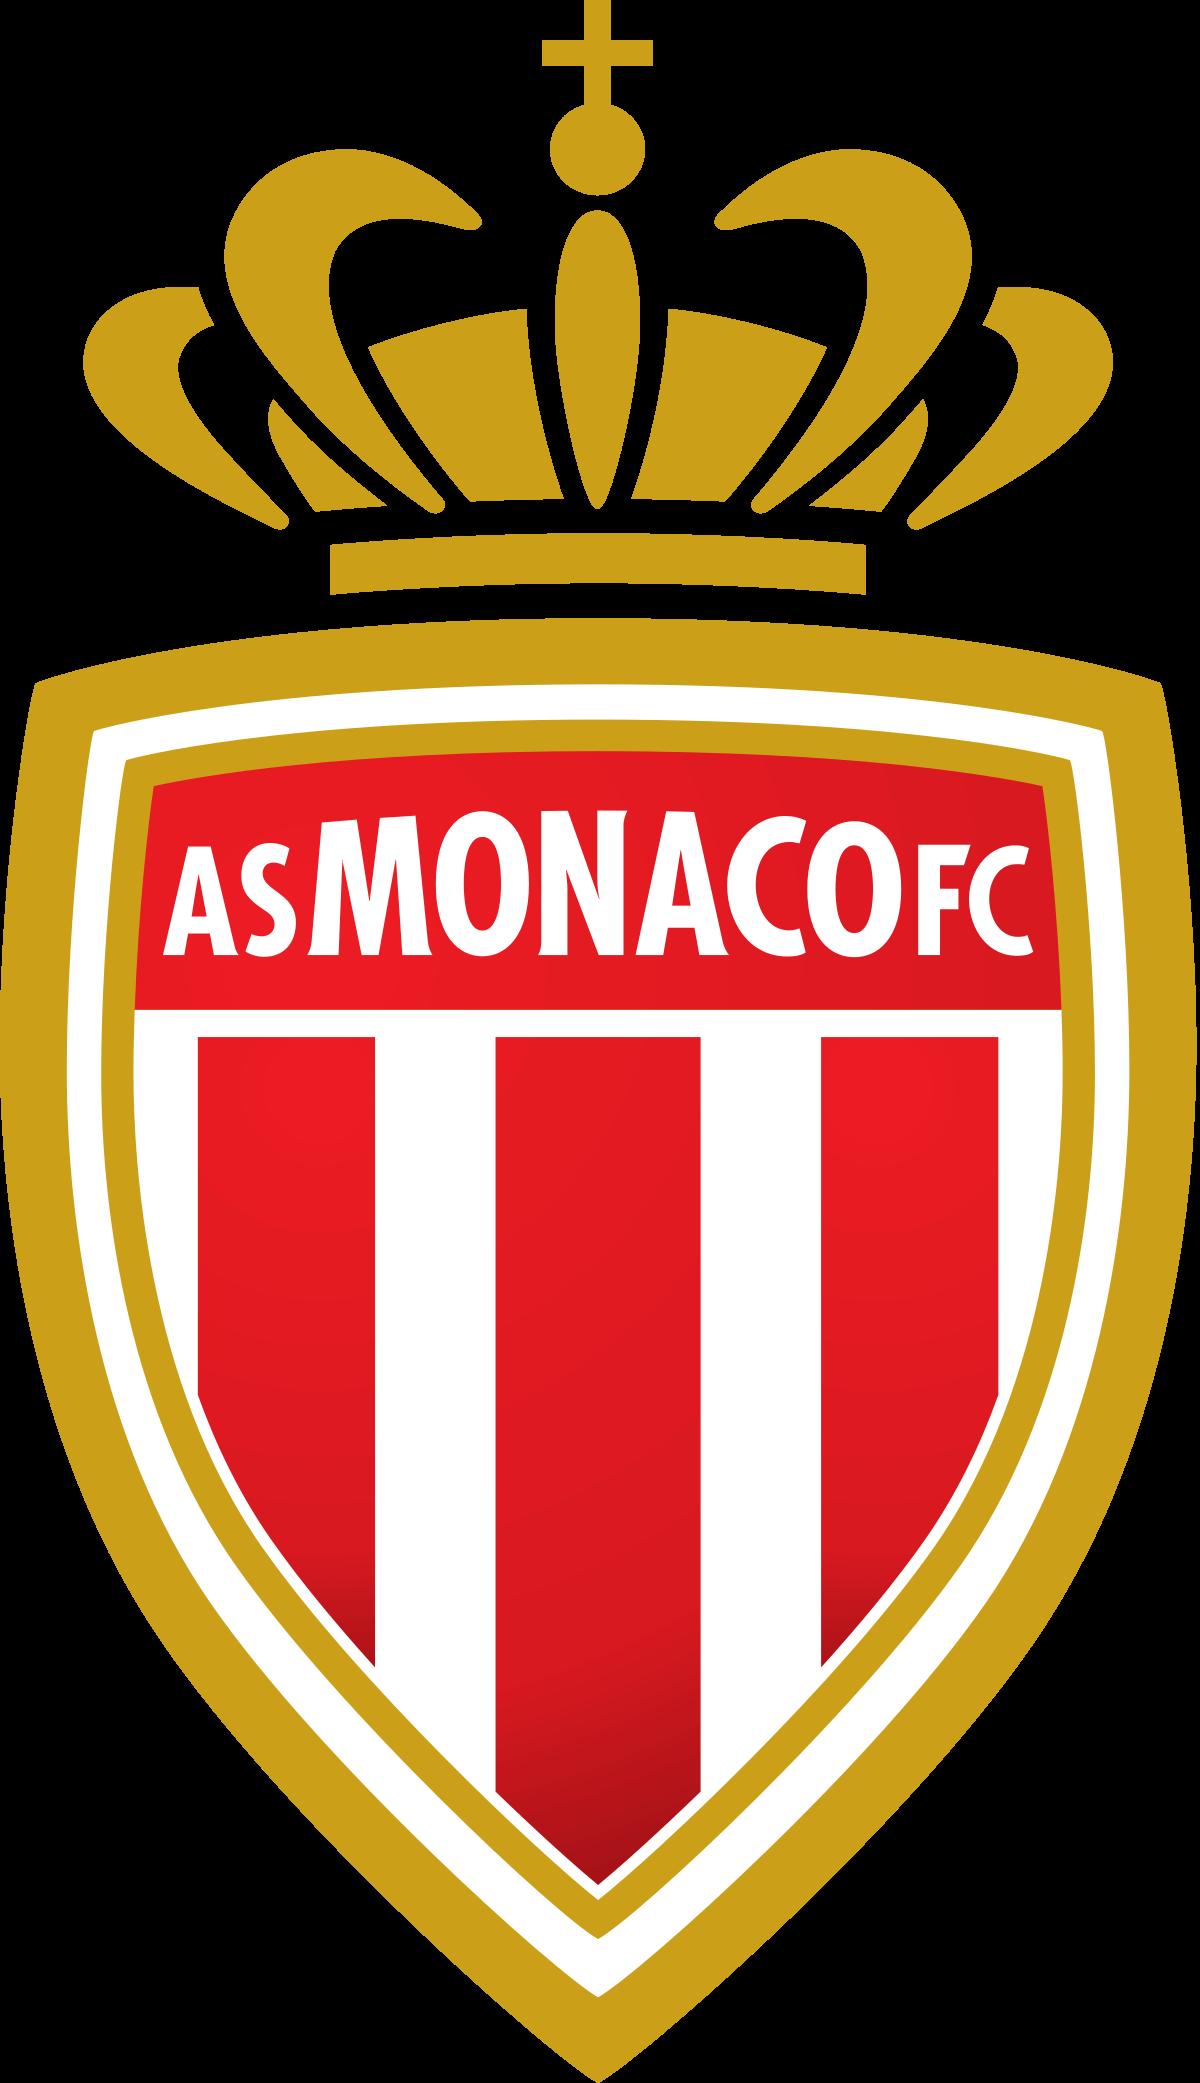 Paris Saint Germain Vs As Monaco At Parc Des Princes On 21 02 21 Sun 15 00 Football Ticket Net